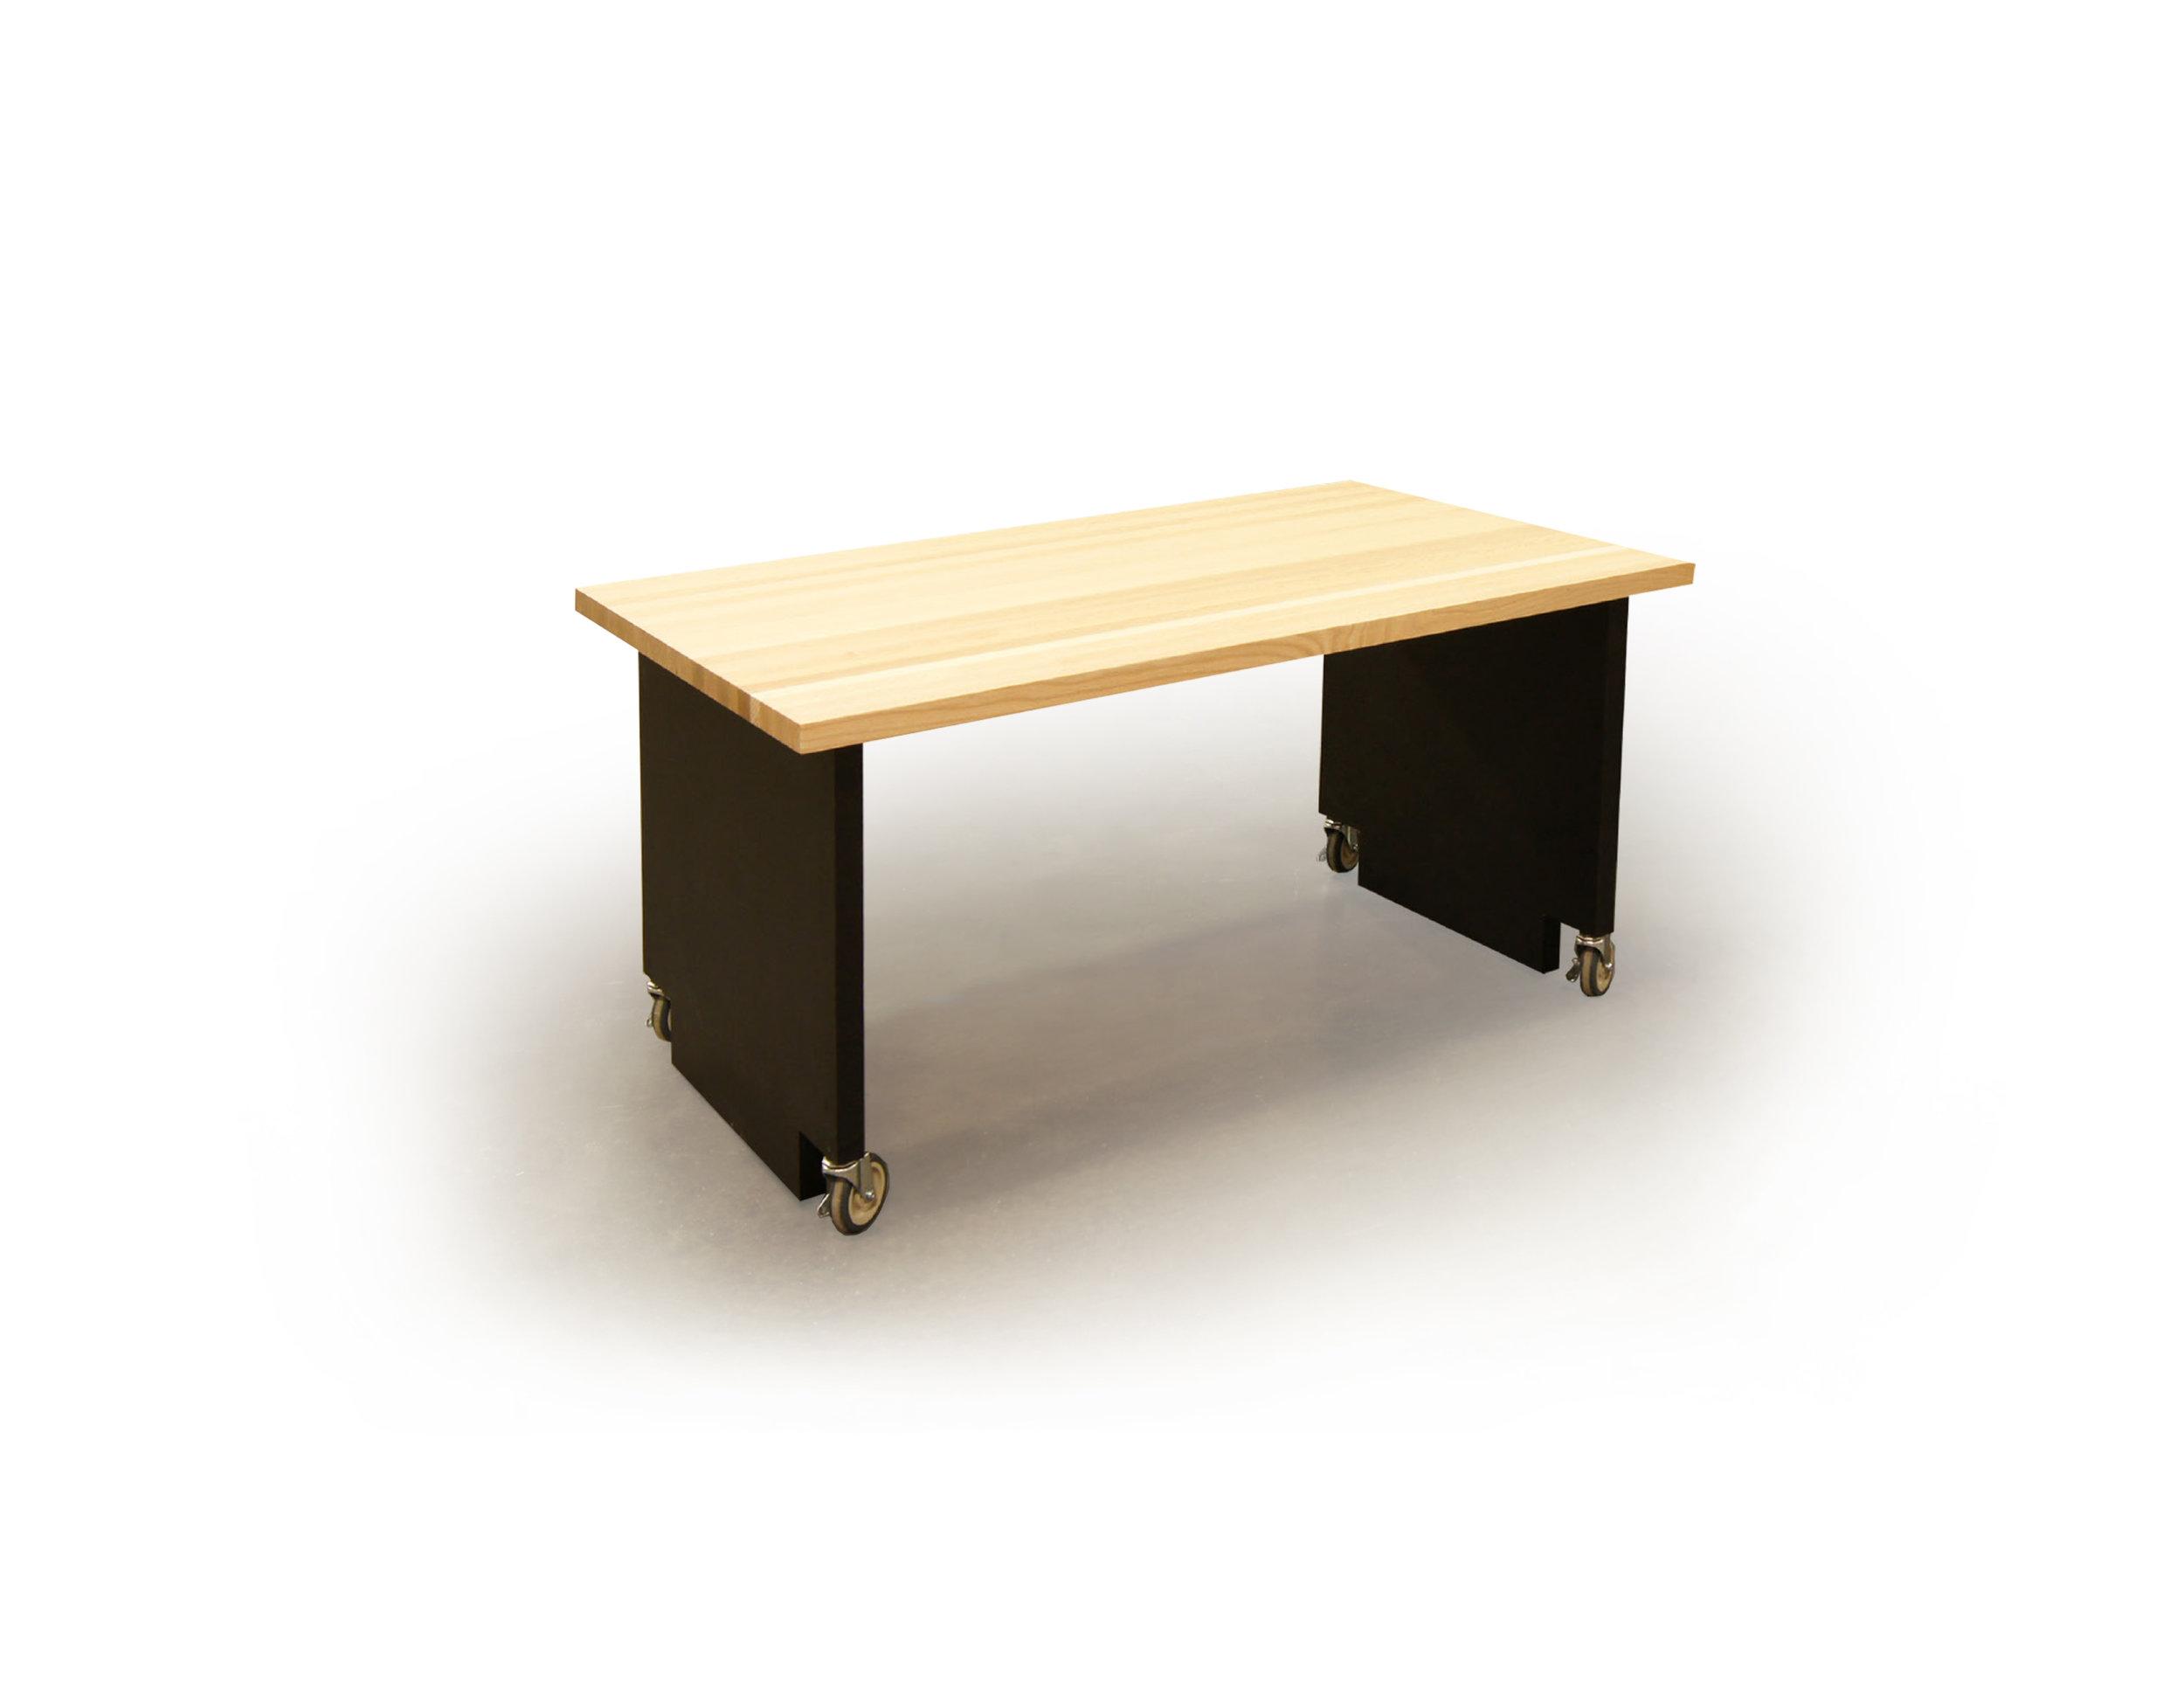 planked oak breakroom table